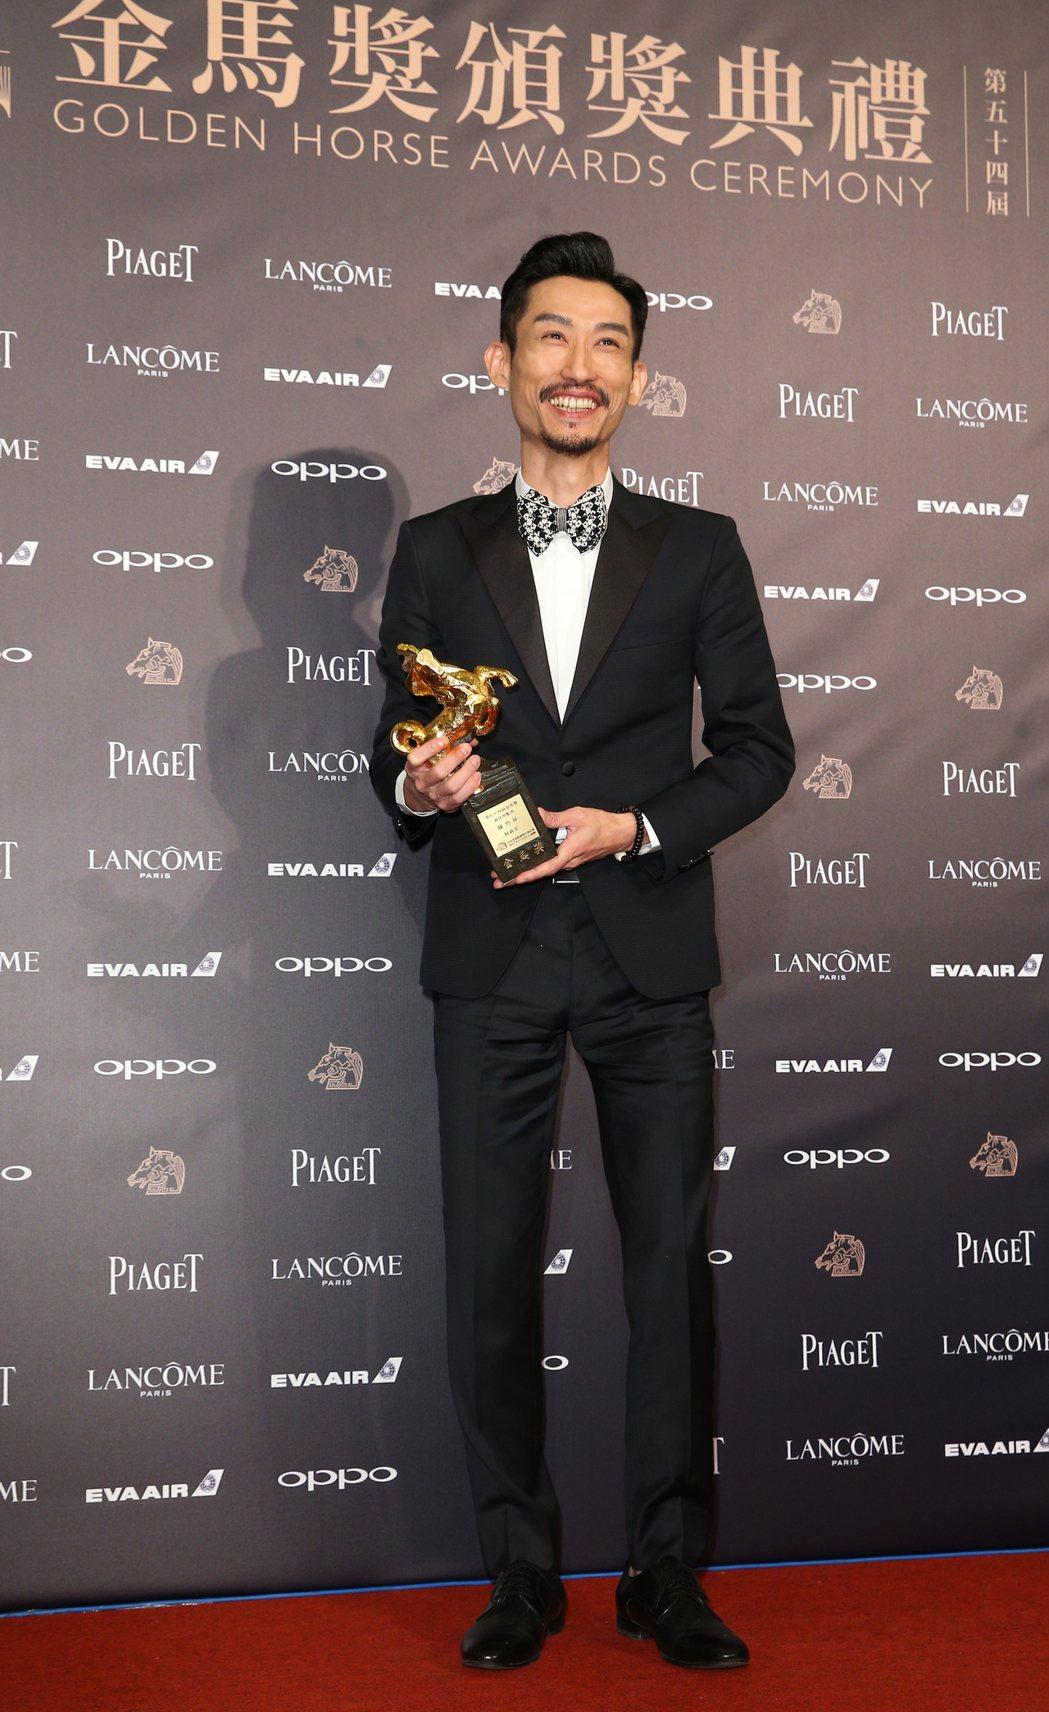 第54屆金馬獎最佳男配角獎由《阿莉芙》陳竹昇獲得。記者陳正興/攝影